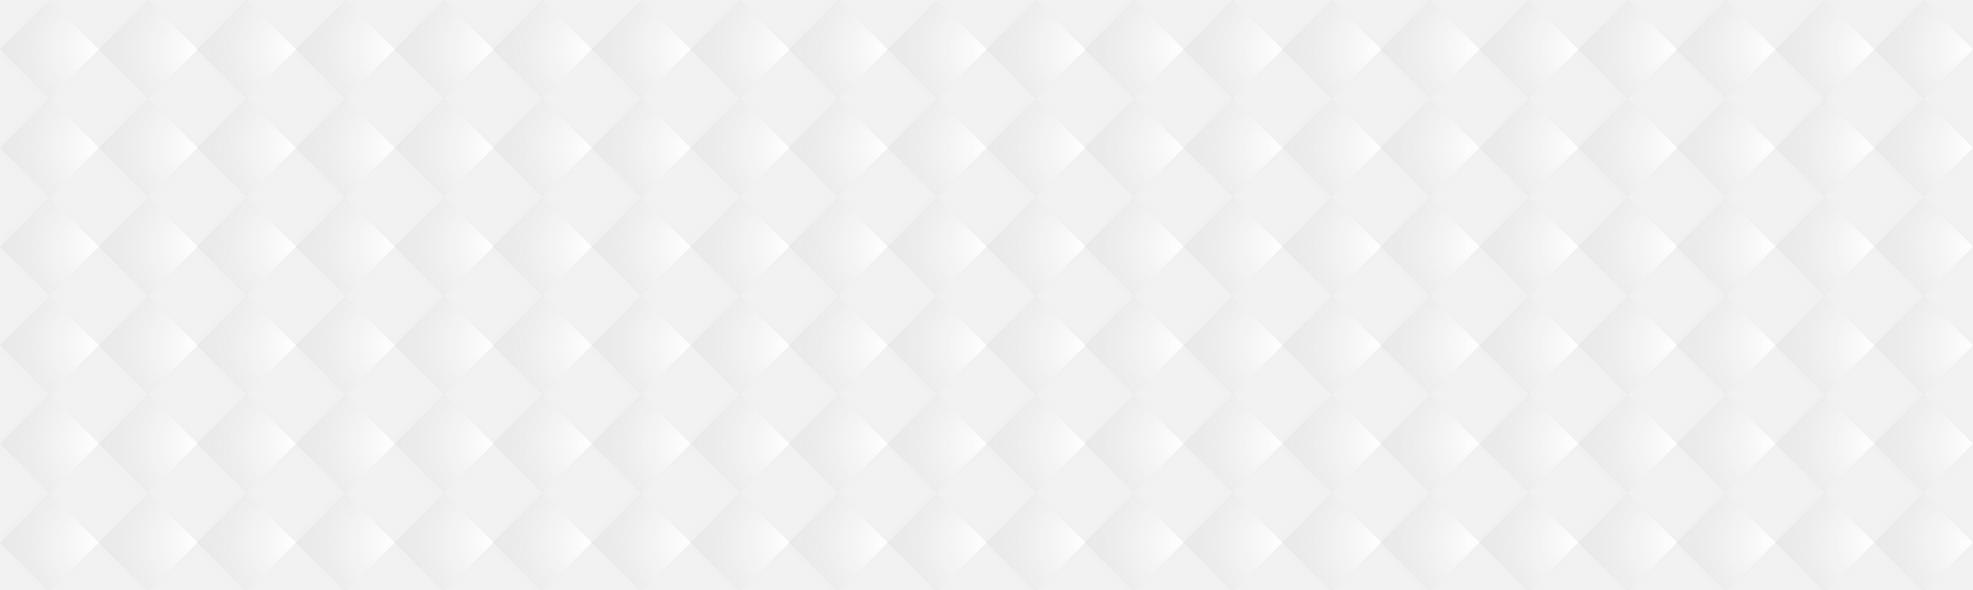 petis cubes blanc gris_fine bande.png